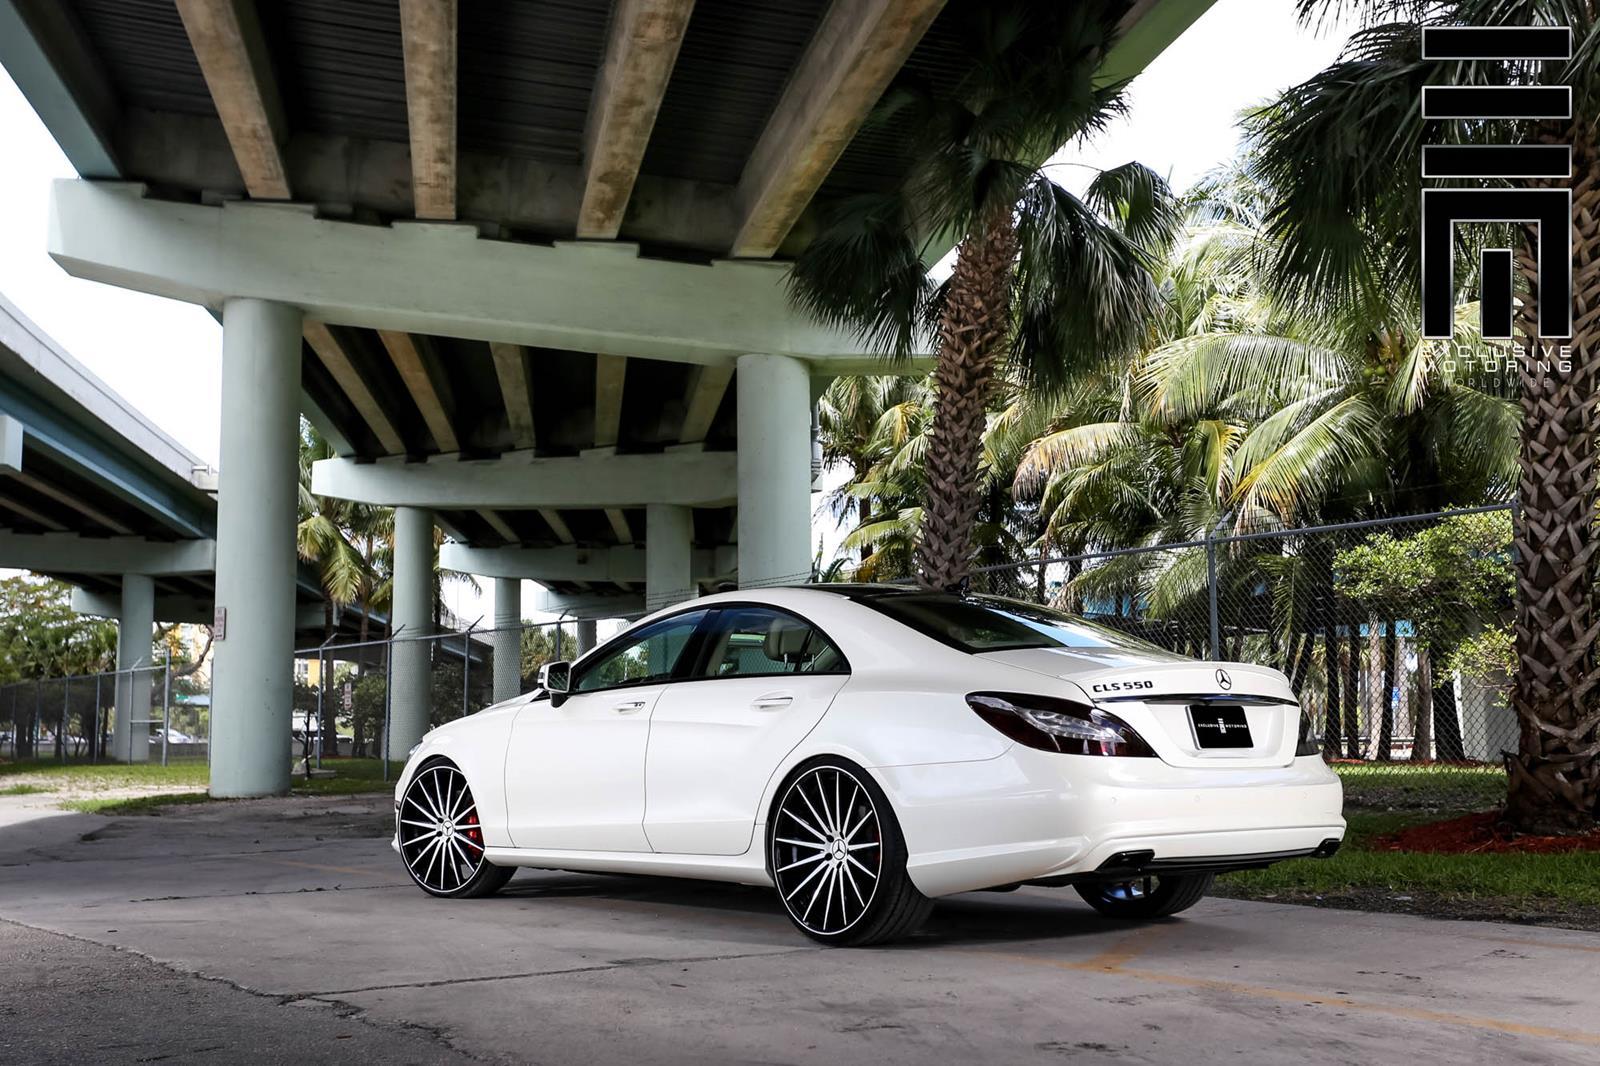 Mercedes Benz Rims >> Mercedes-Benz W218 CLS550 White on Vossen VFS2 Wheels ...